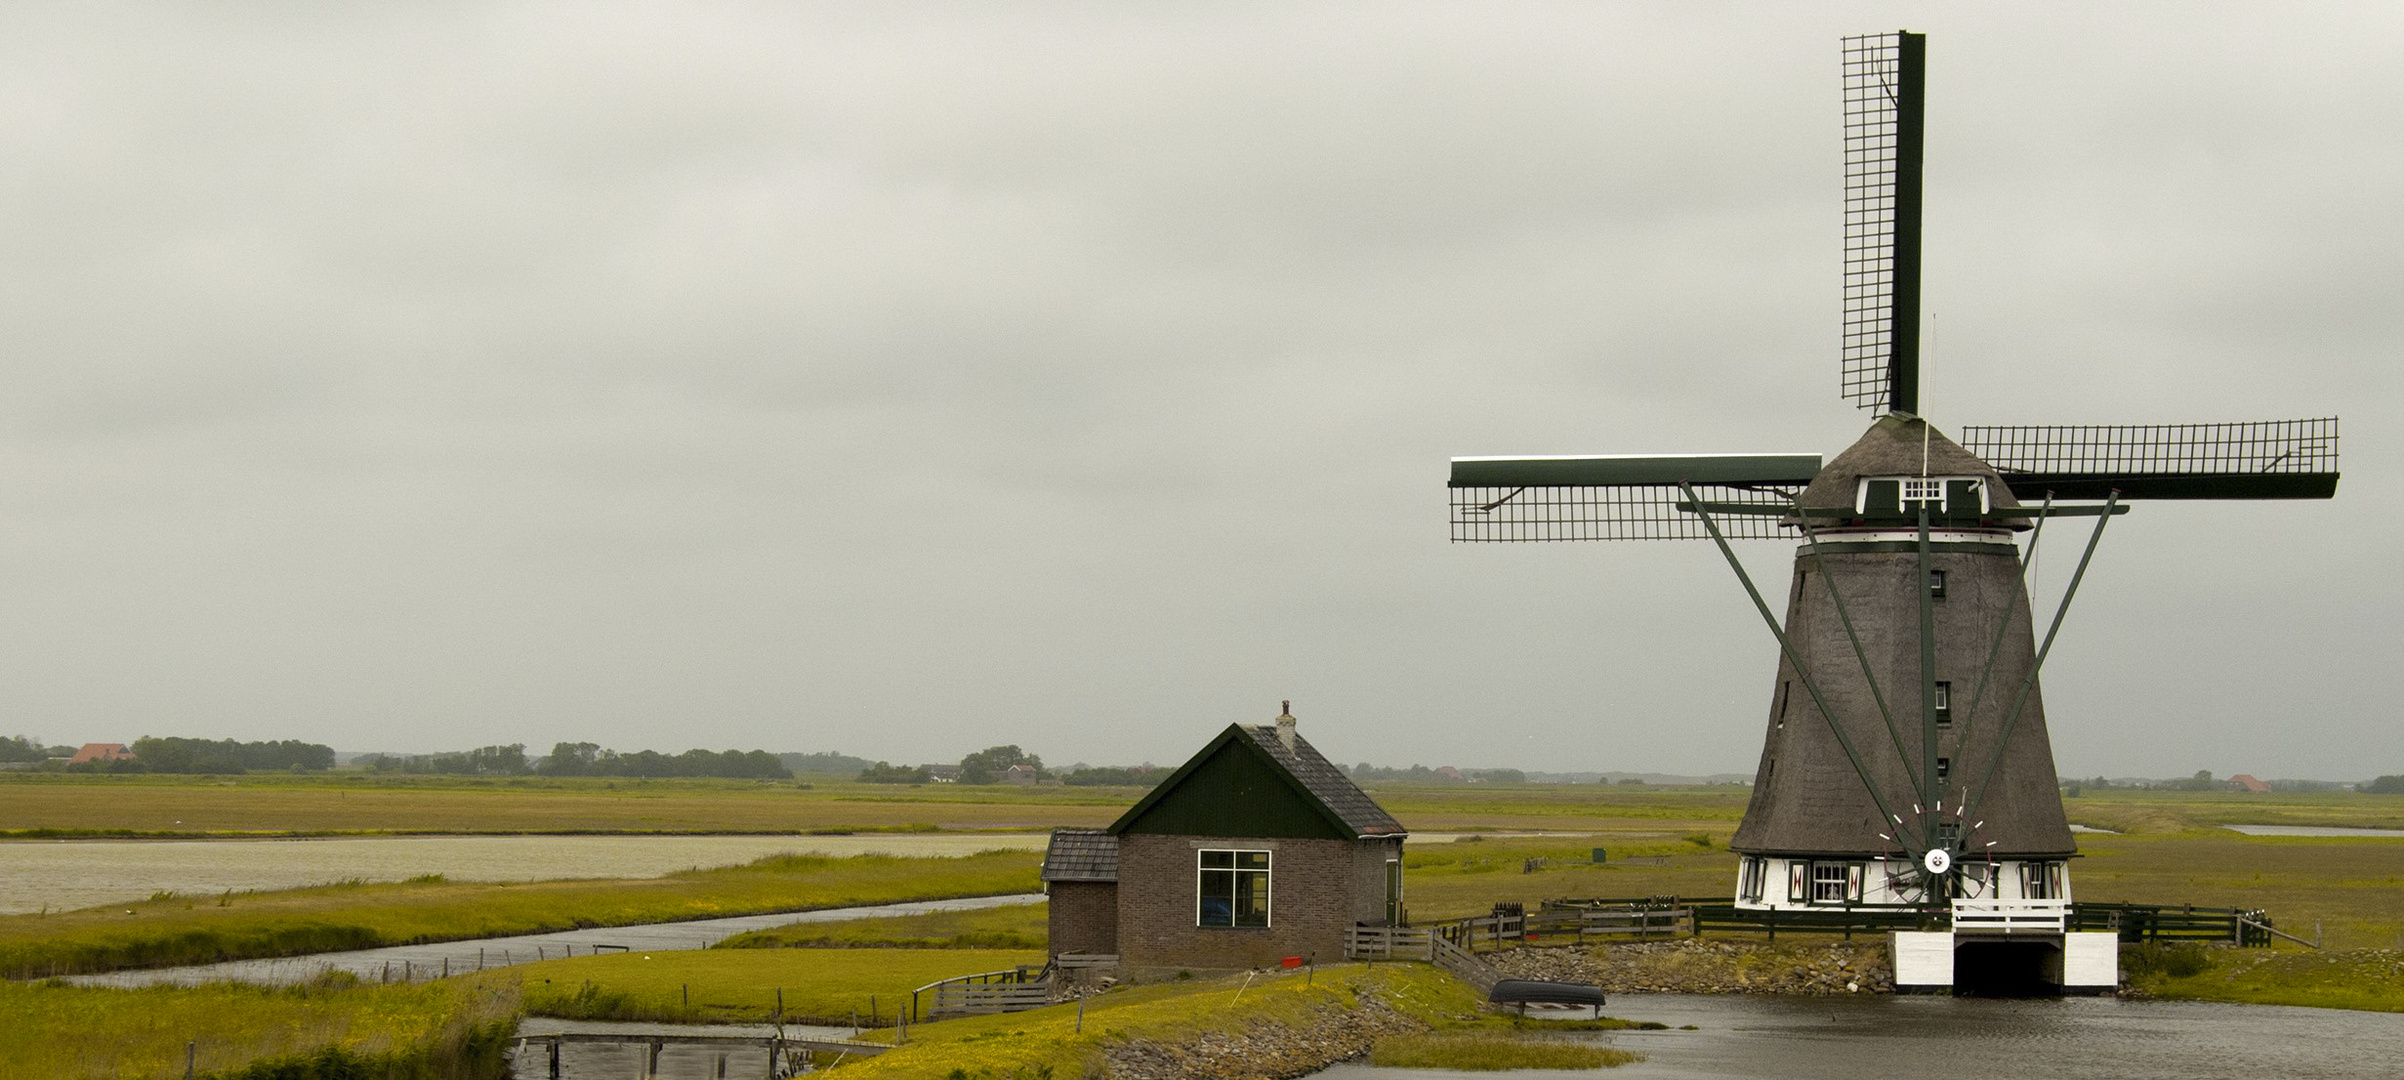 Moulin à TEXEL (Pays-Bas)